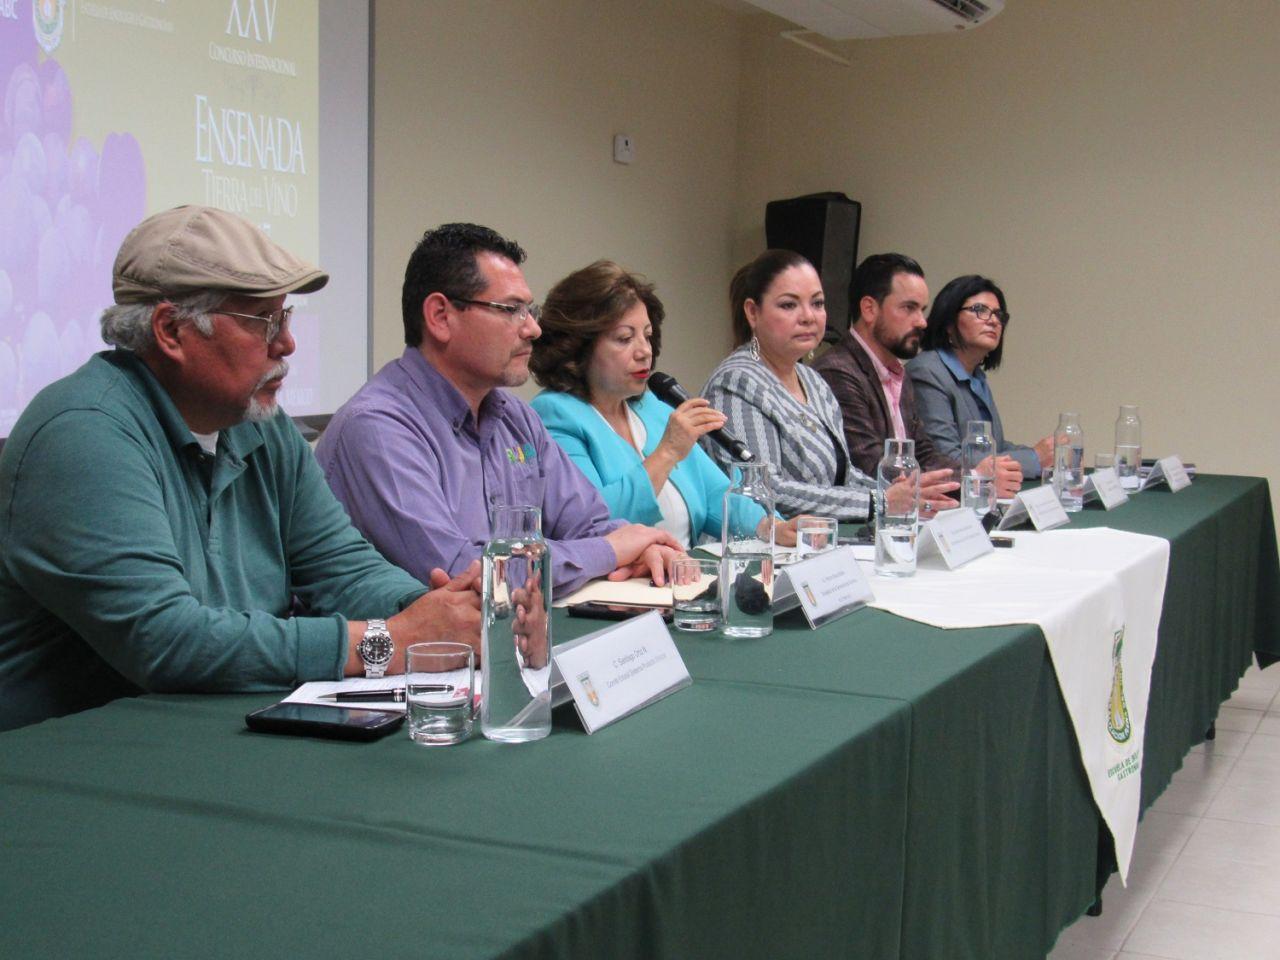 Anuncia la apertura de la convocatoria para el XXV Concurso Internacional Ensenada Tierra del Vino.